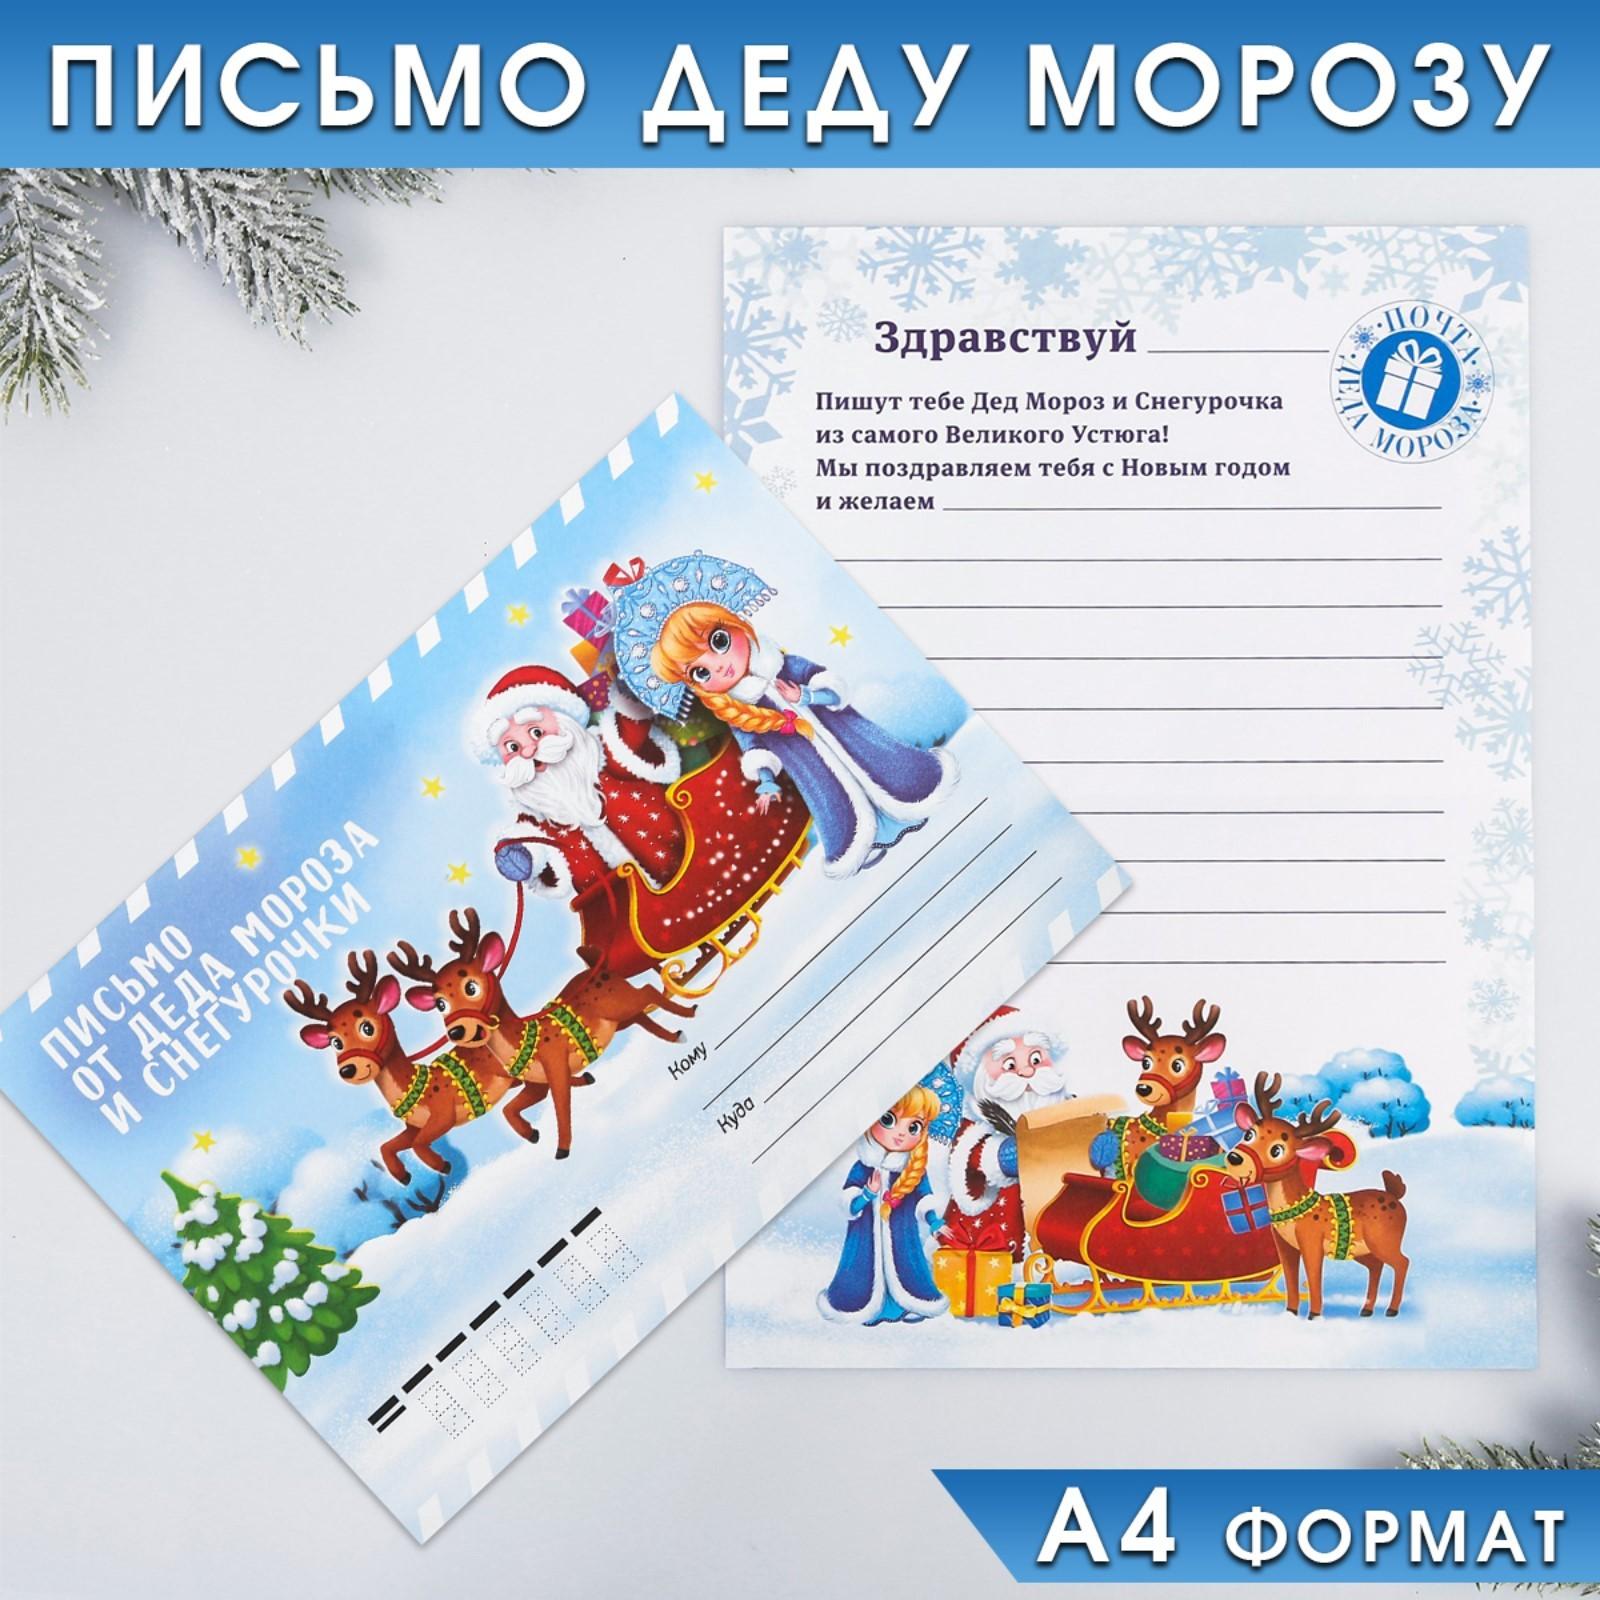 Новогодняя открытка для письма деду морозу, прикольные картинки надписями